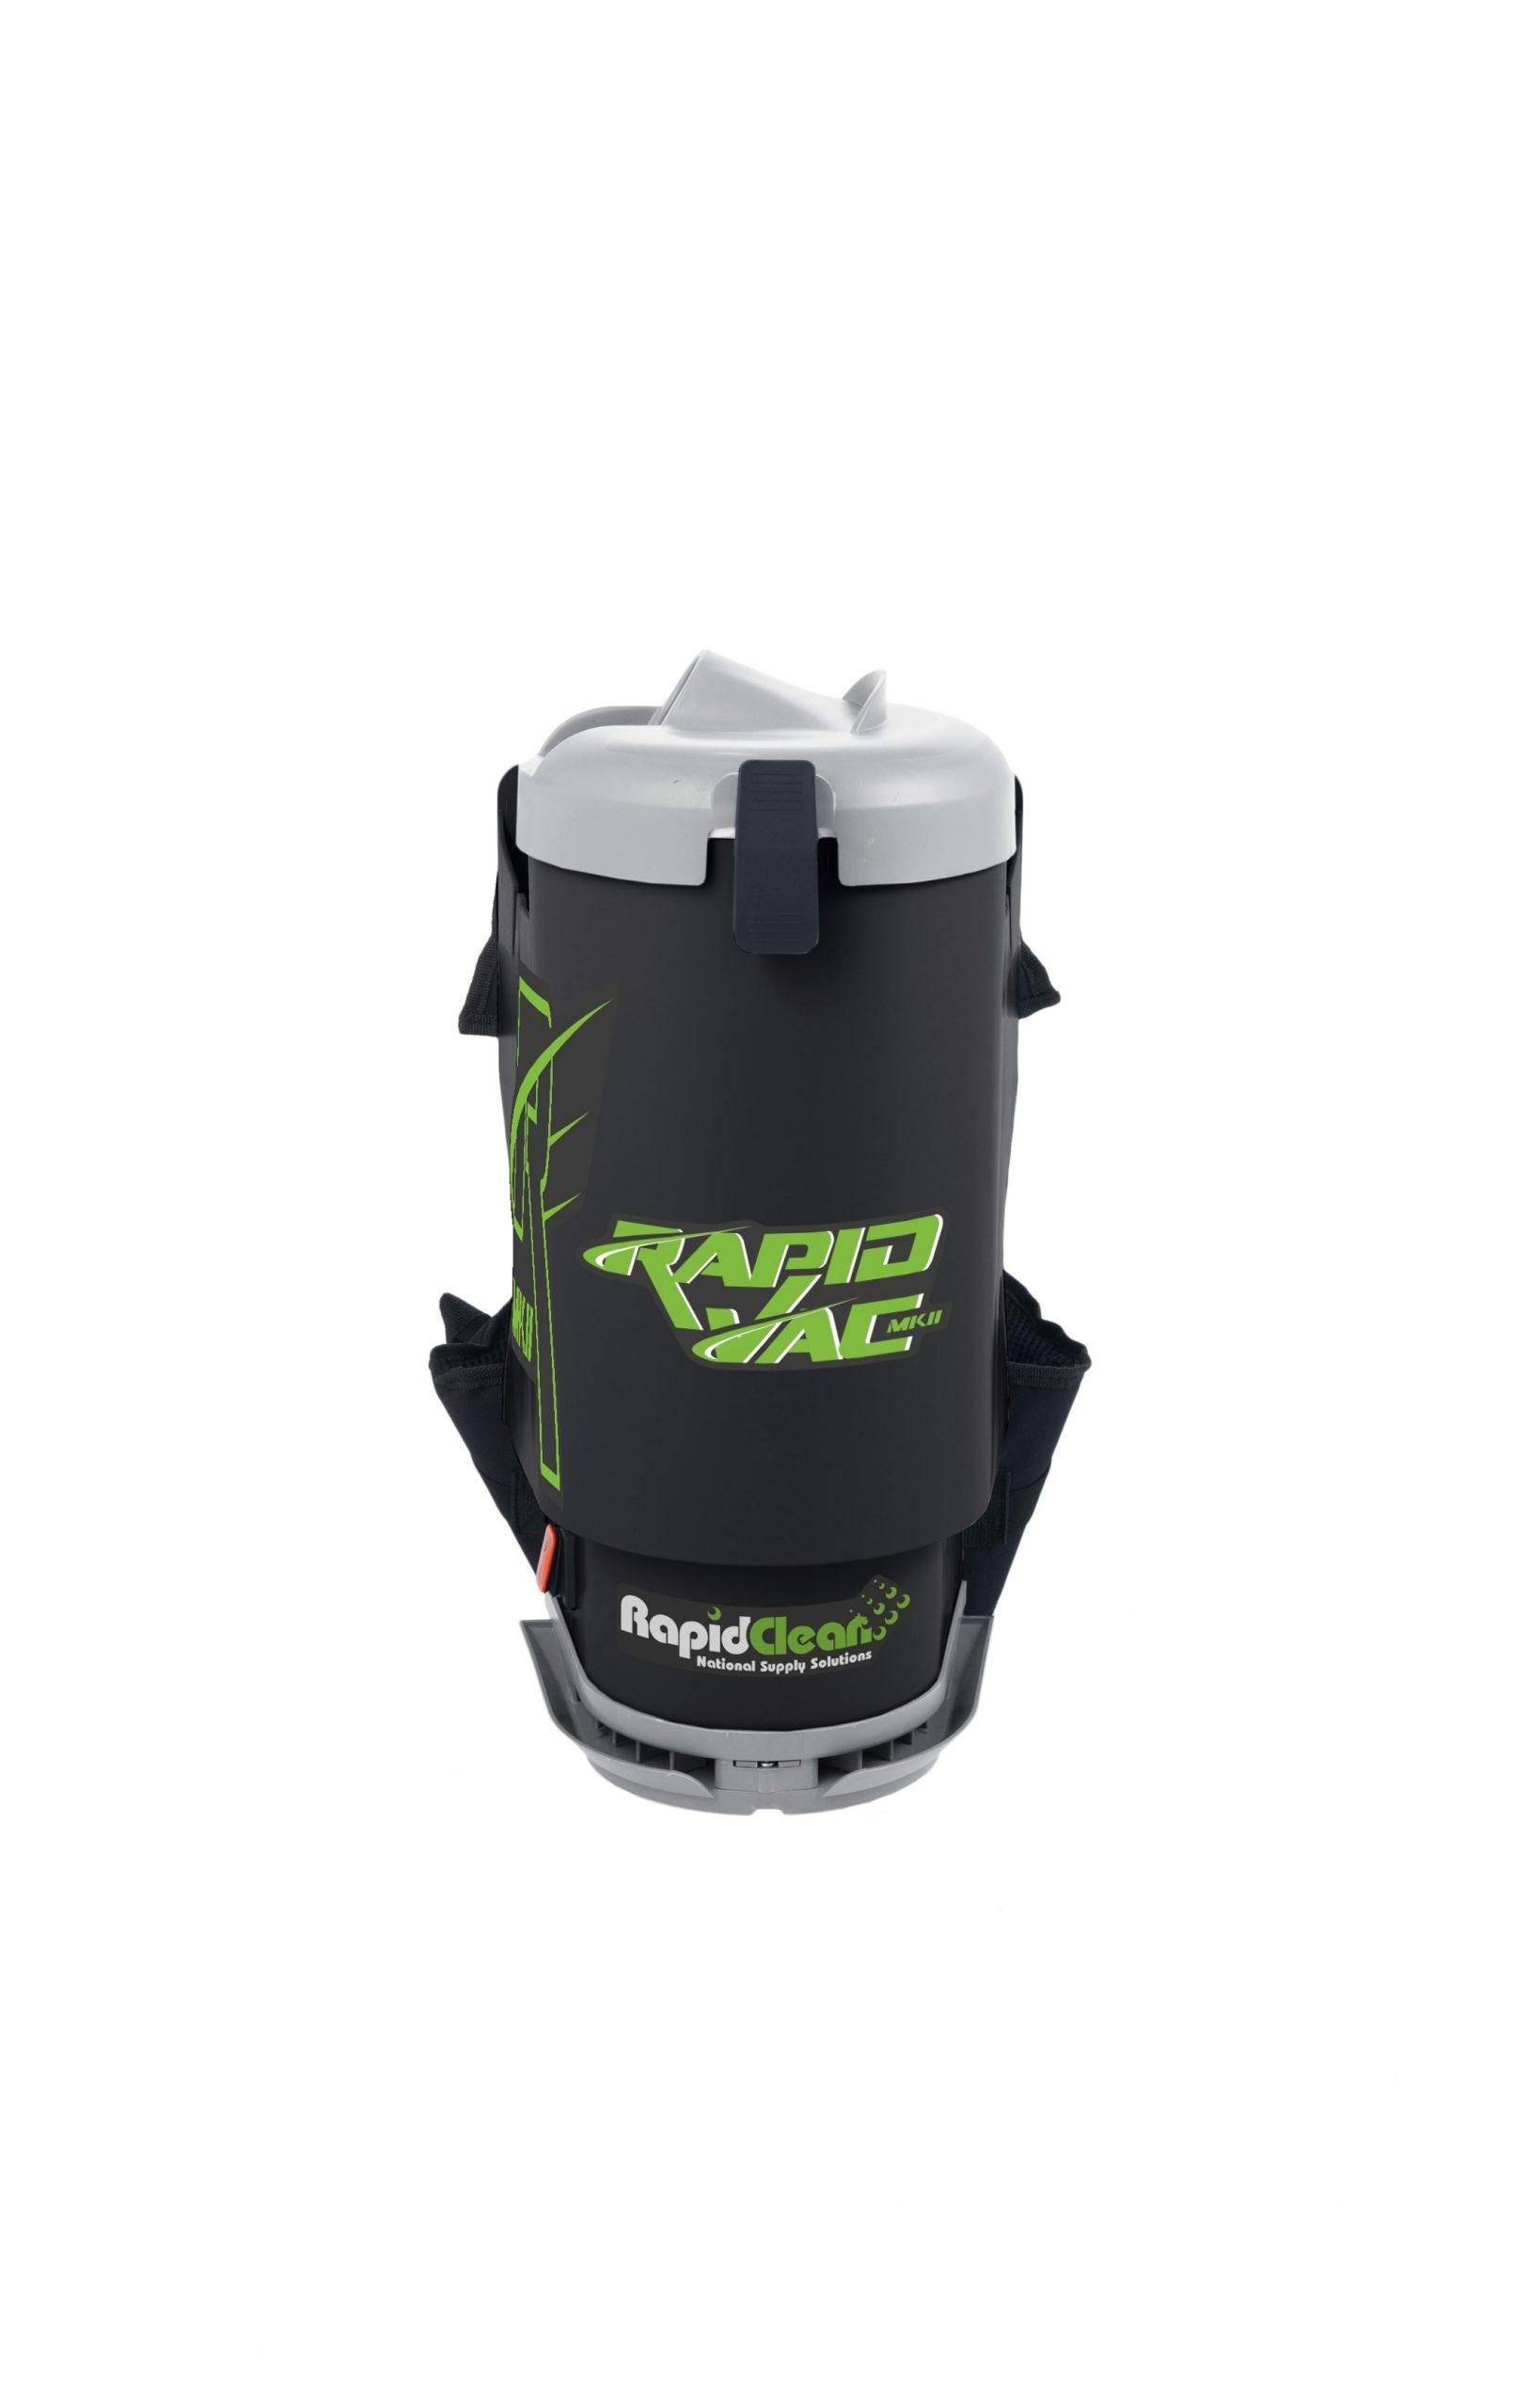 RapidVac Vacuum Design